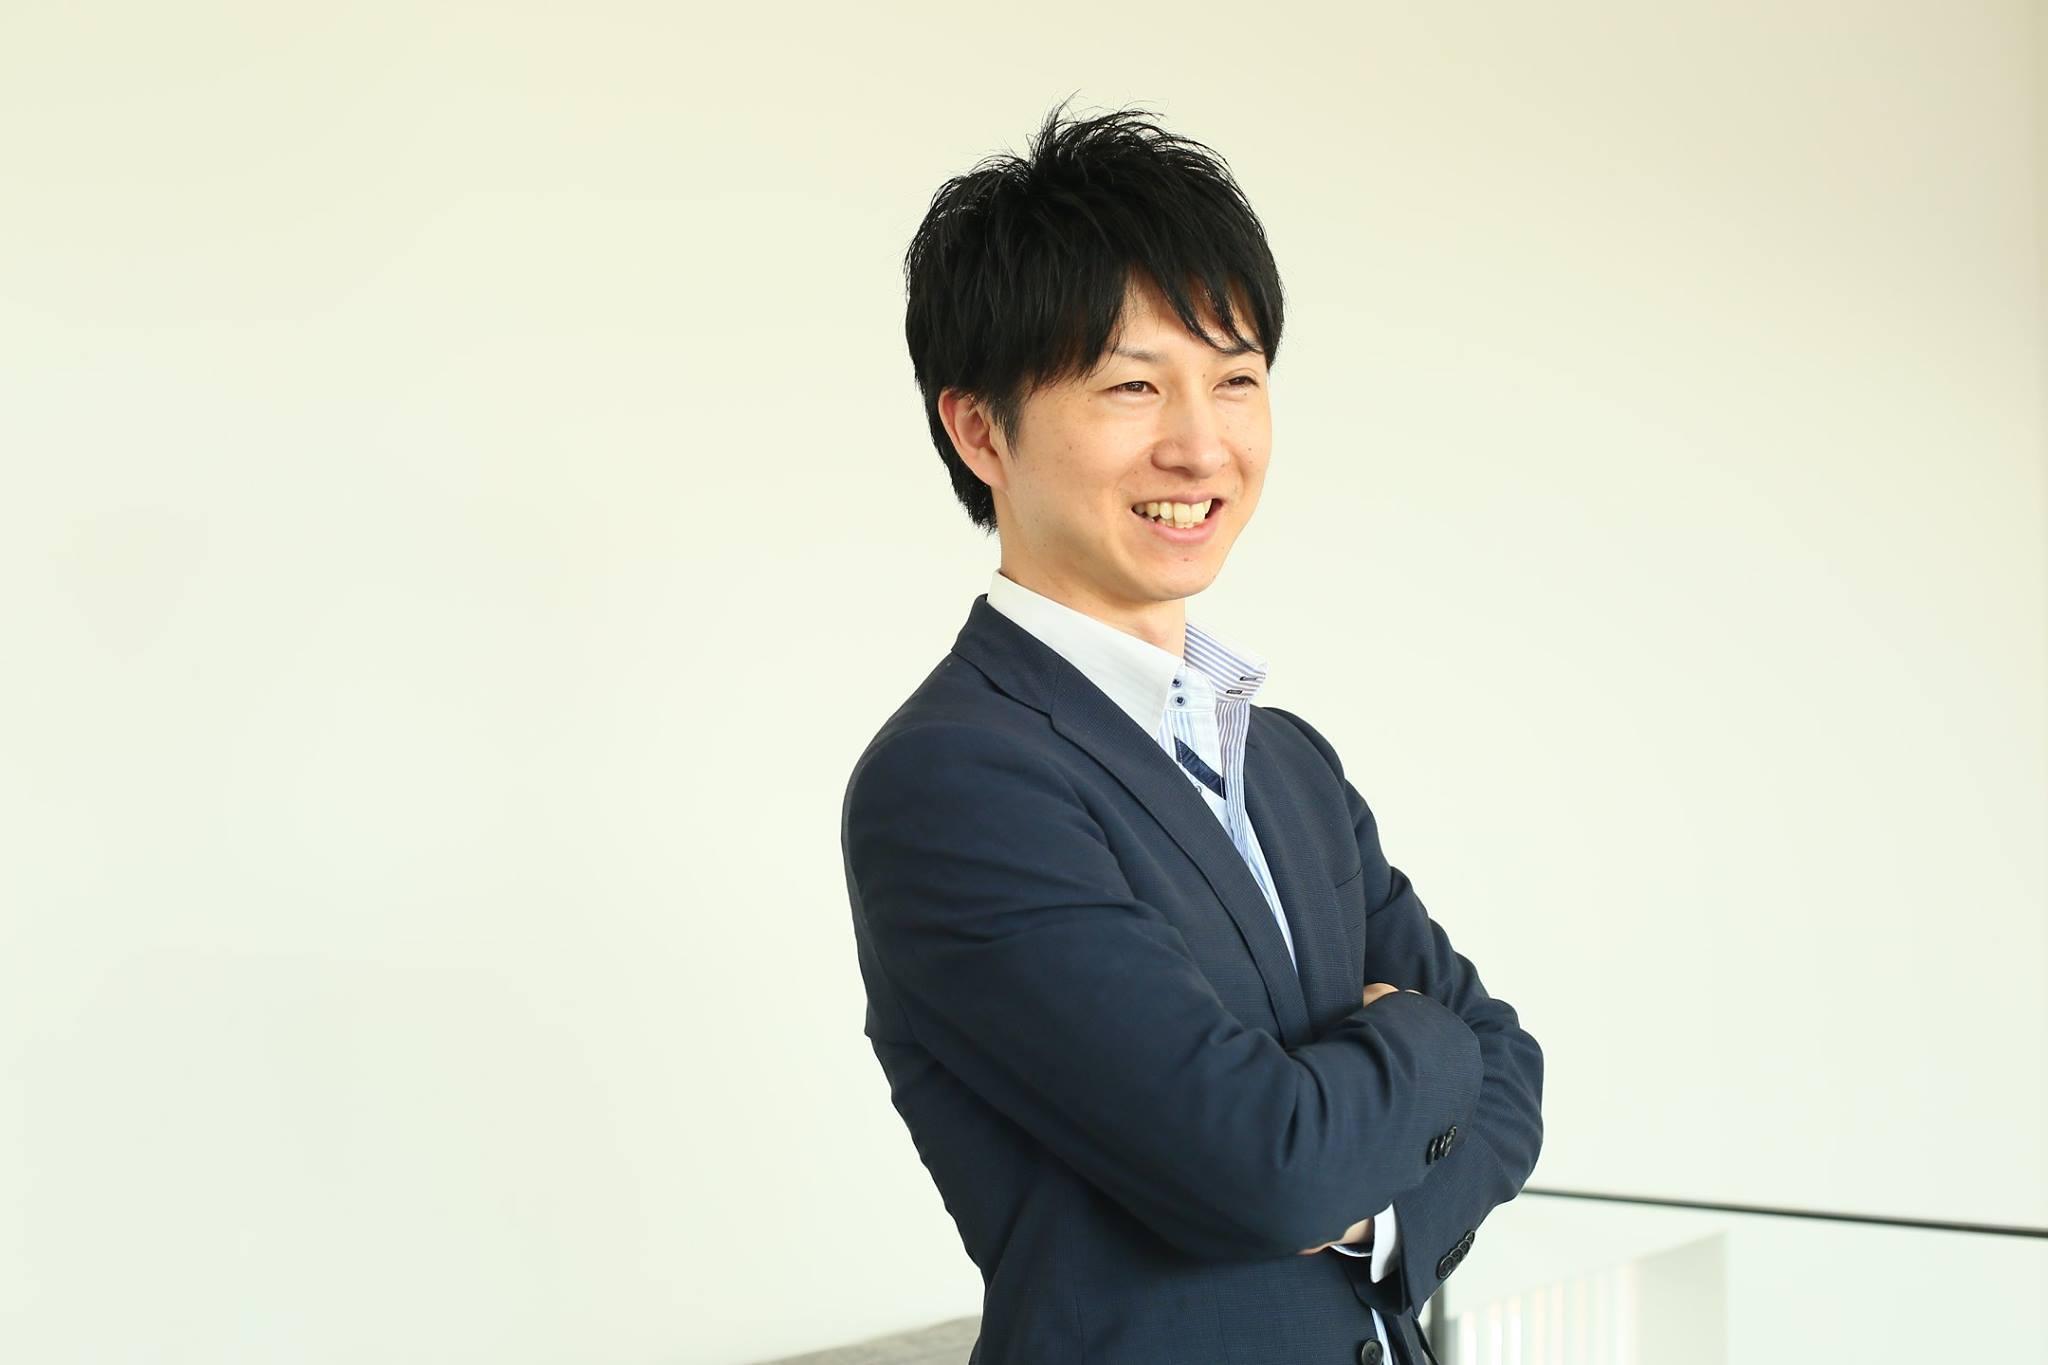 waragaimasaki_image